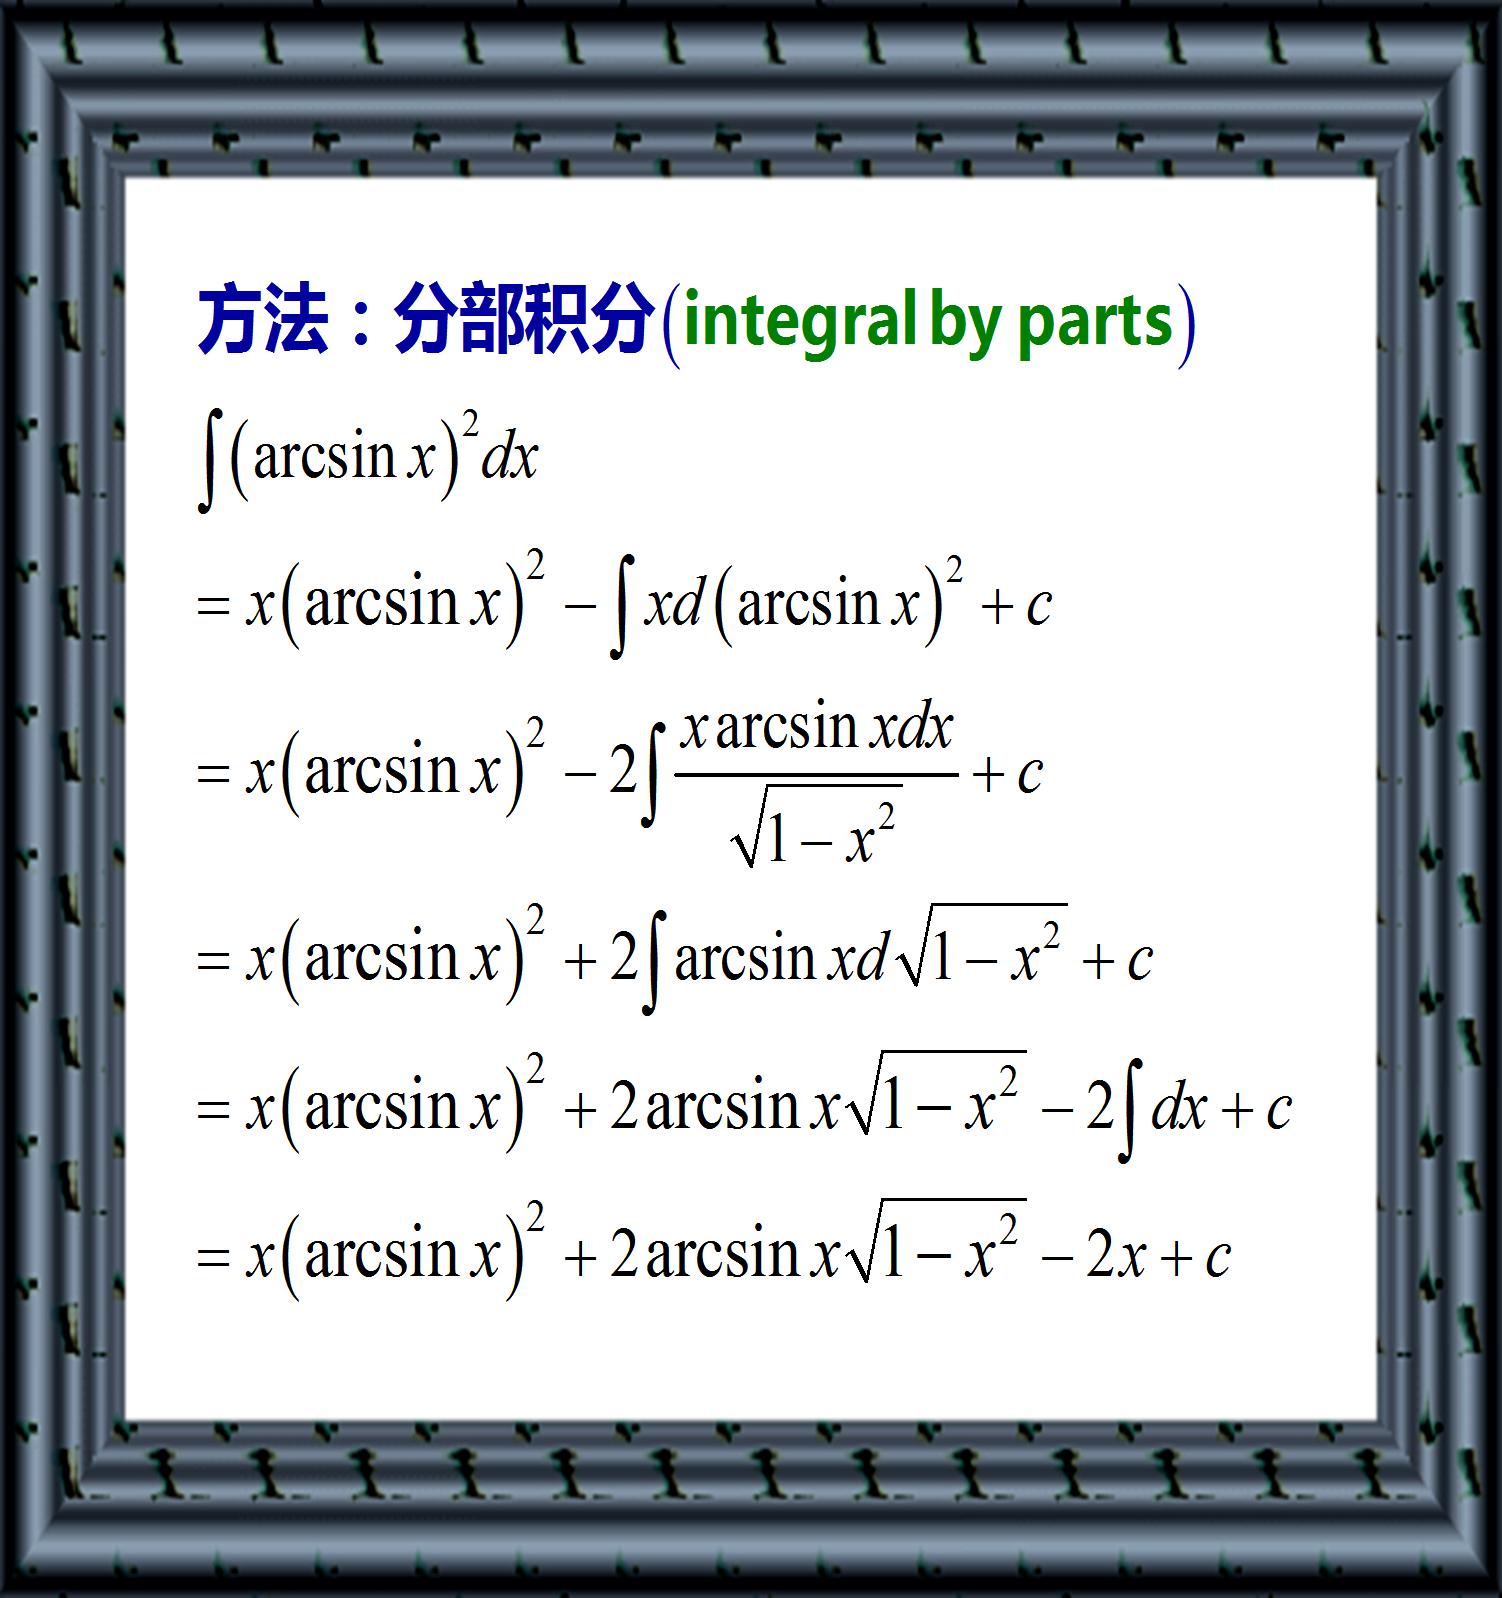 春晚什么时候开始的_arcsinx的平方的不定积分怎么解_百度知道